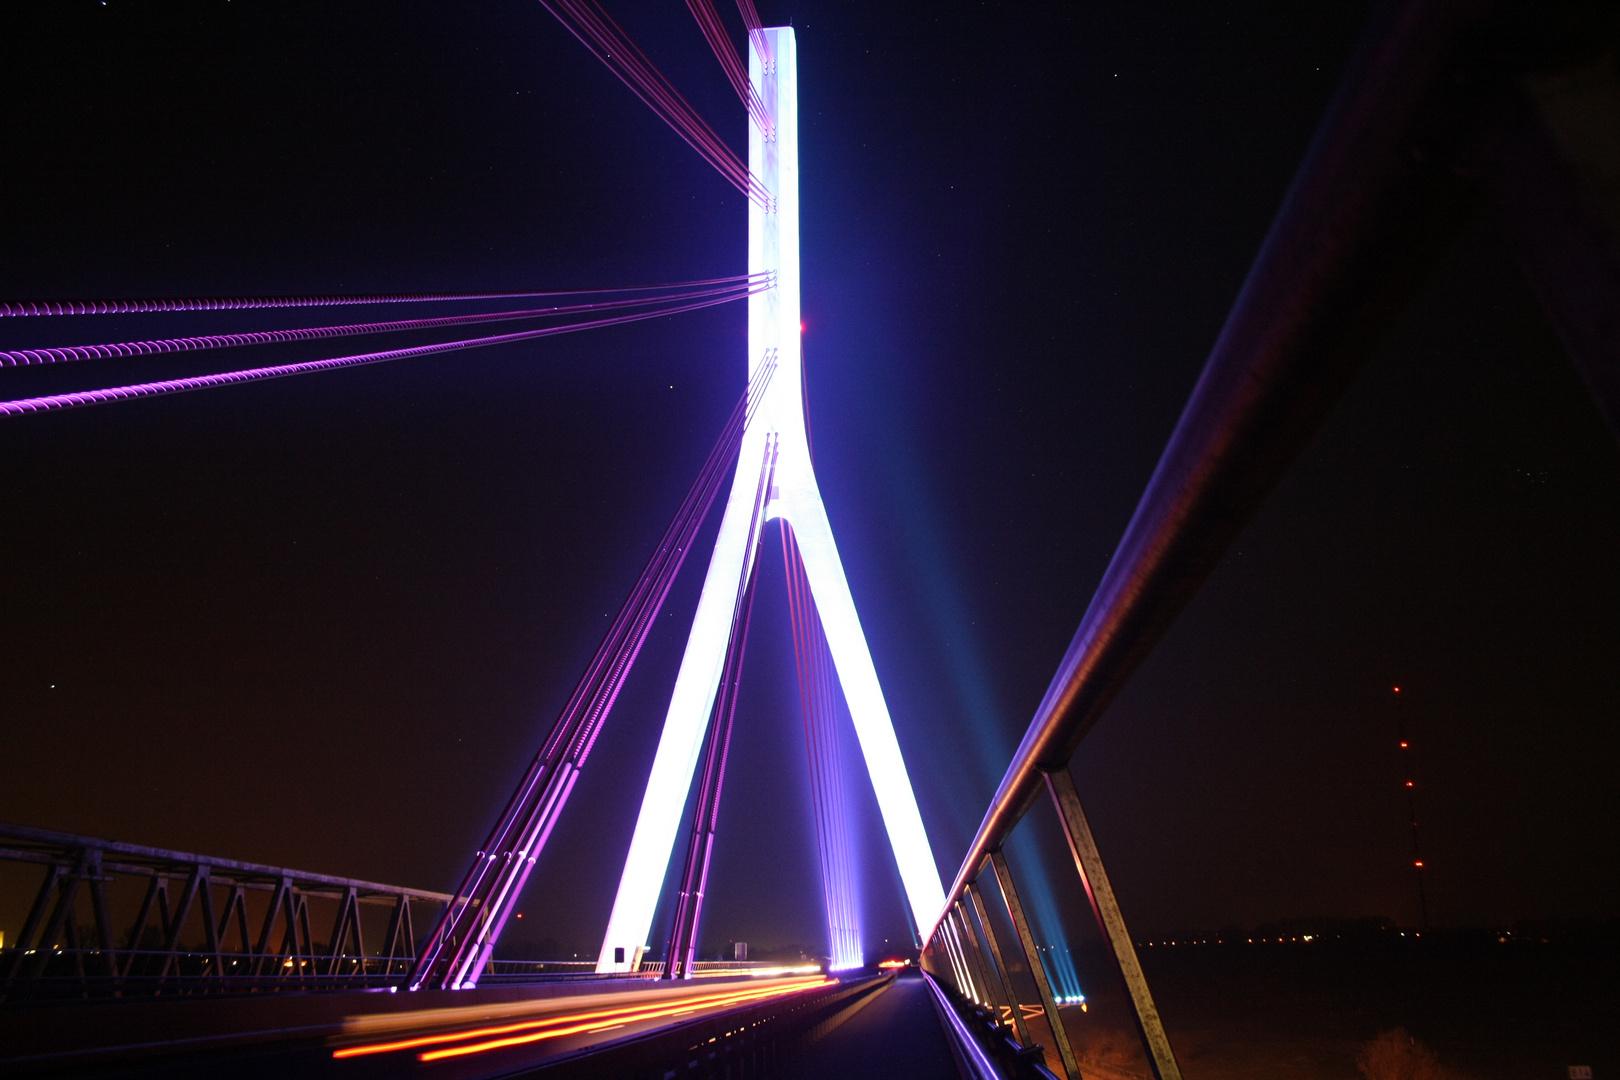 Niederrheinbrücke II